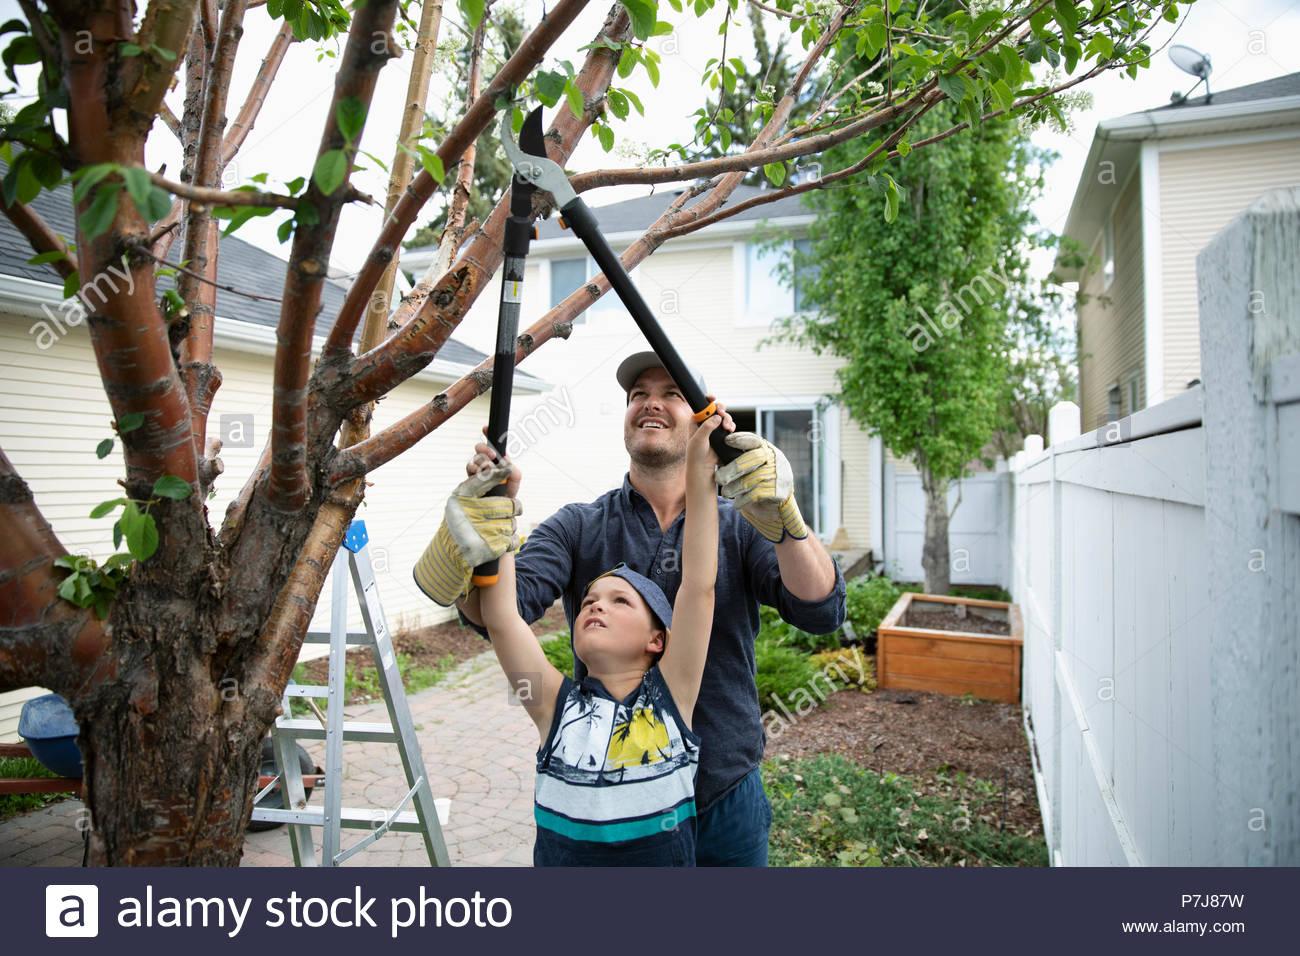 Père et fils faire des travaux extérieurs, de l'élagage arbre en cour arrière Photo Stock